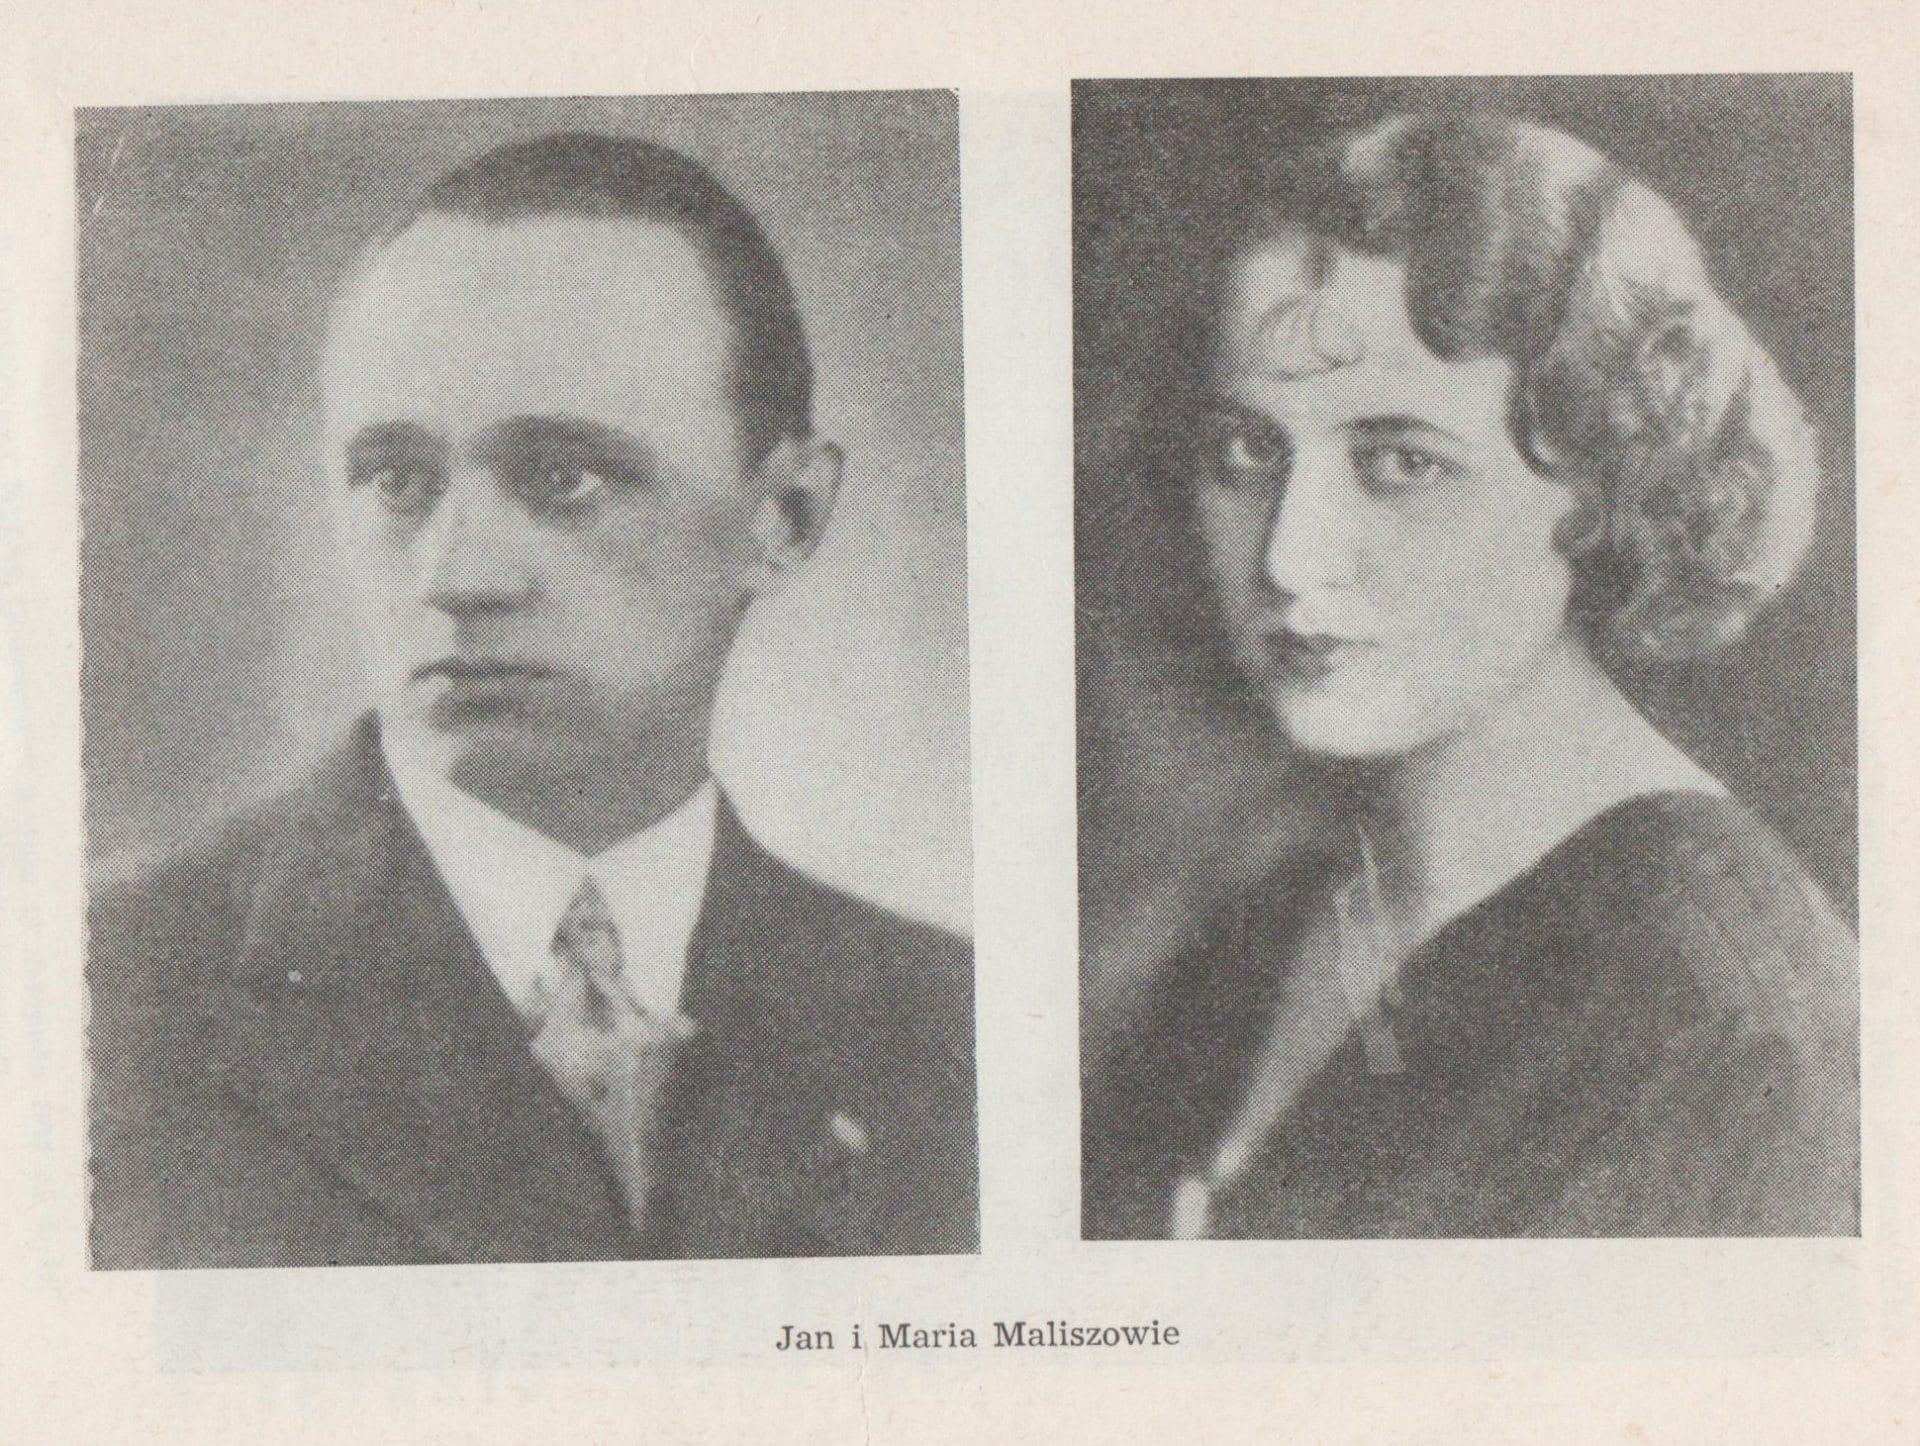 """Jan i Maria Maliszowie. Źródło: Stanisław Salmonowicz, Janusz Szwaja, Stanisław Waltoś, """"Pitaval Krakowski"""", Kraków 1973."""